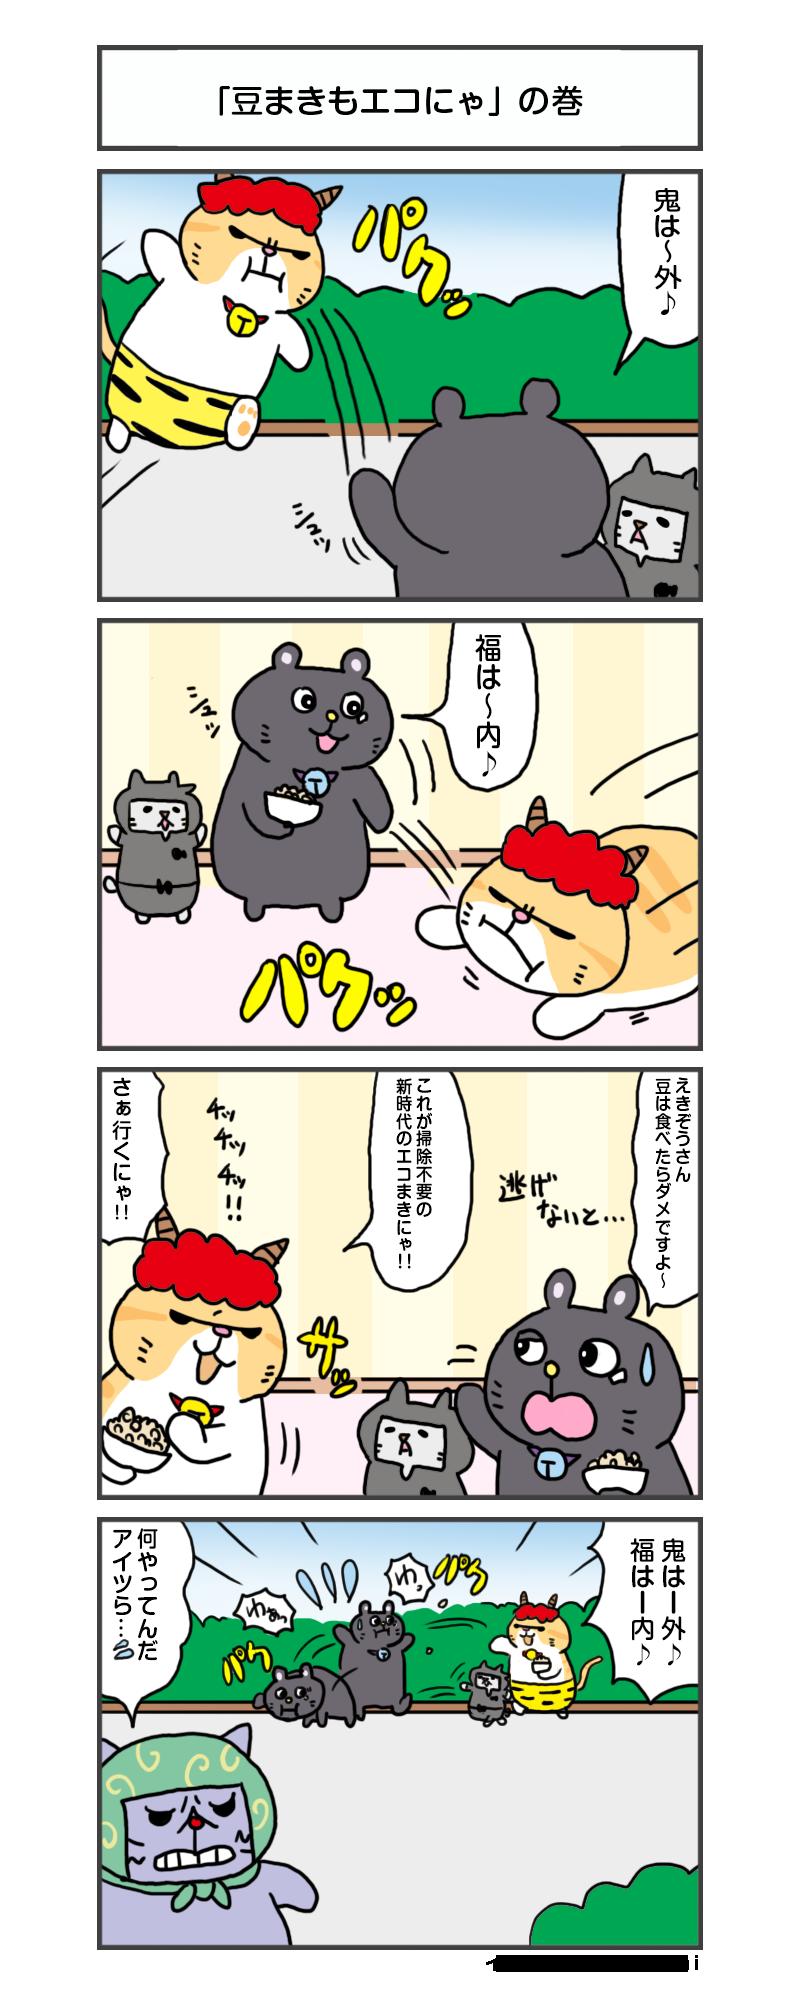 縺医″縺昴y縺・anga_vol.235